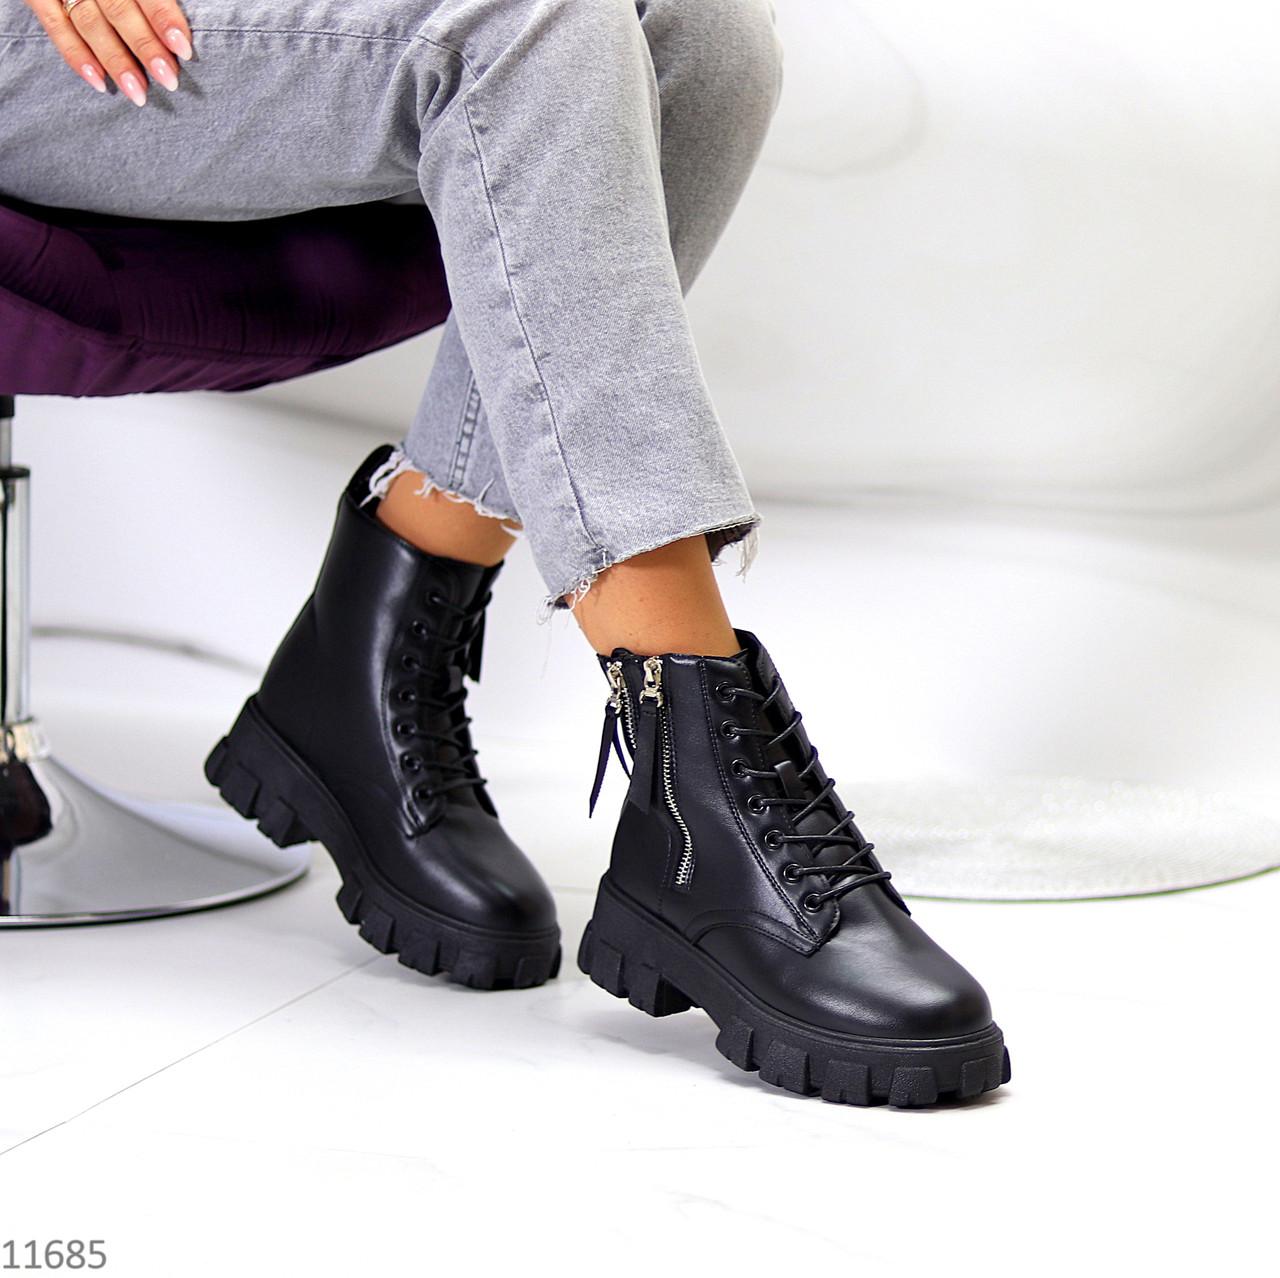 Трендові чорні жіночі черевики на флісі на товстій підошві